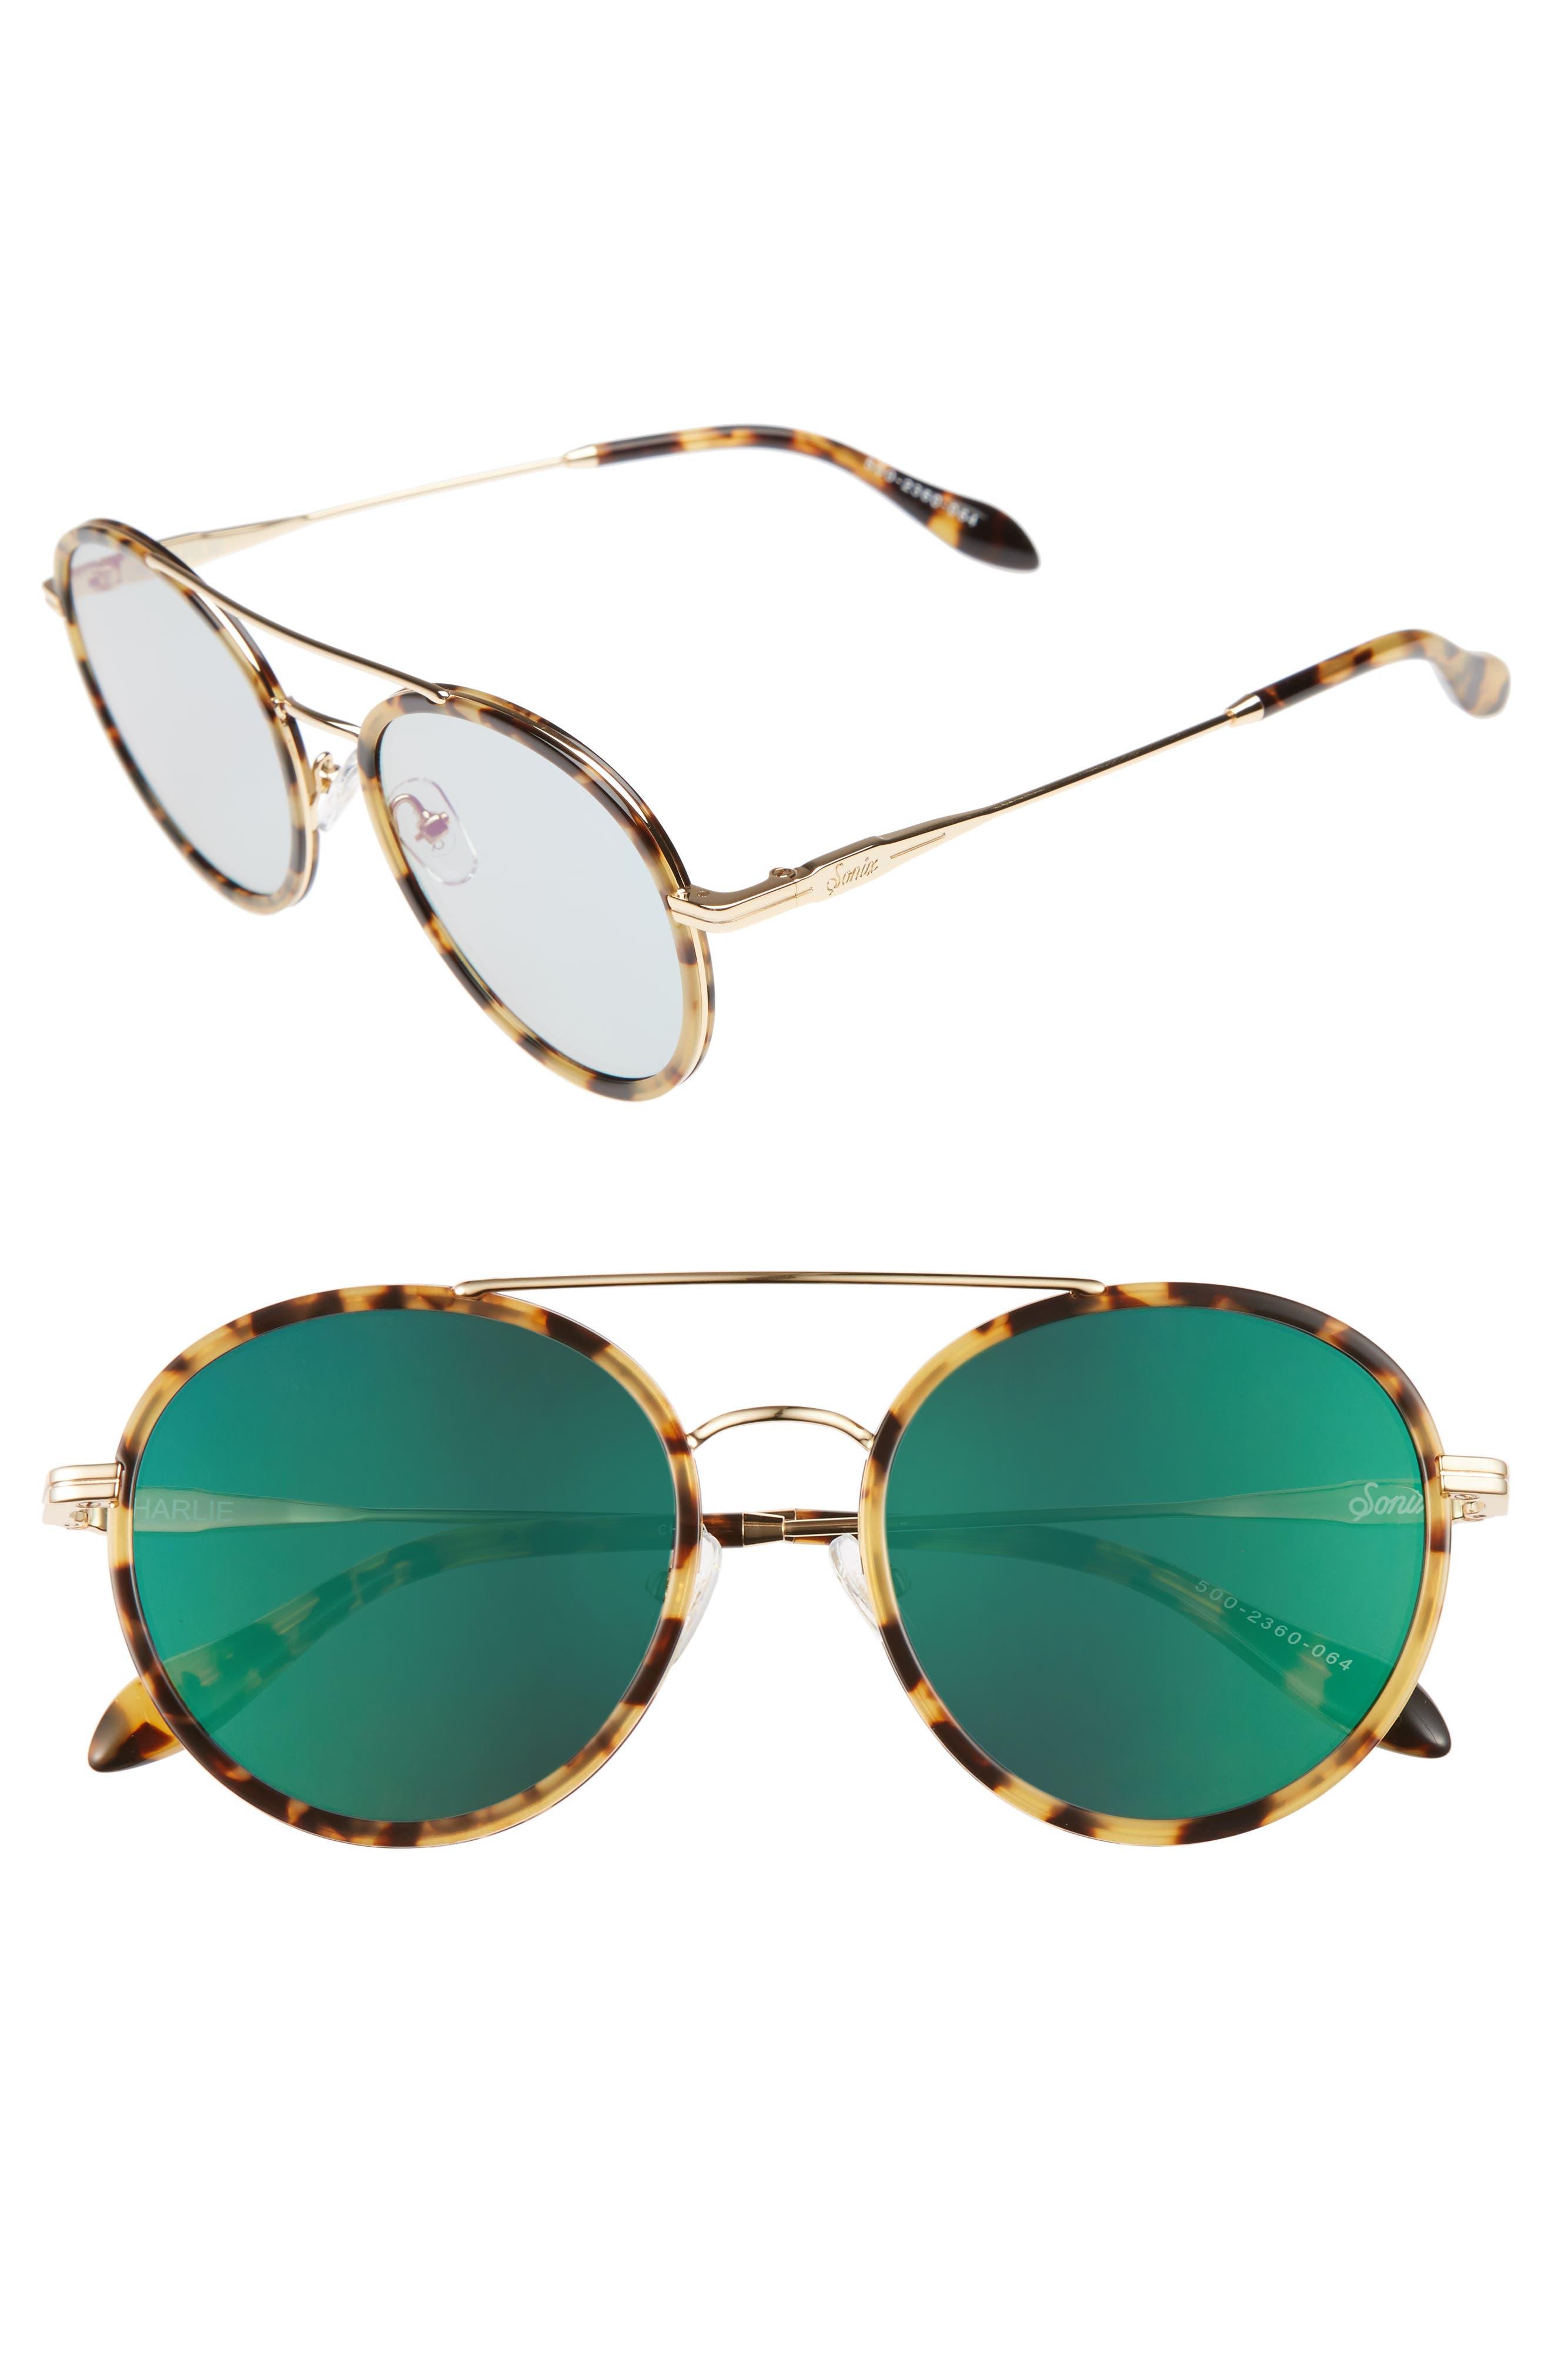 Sonix Charli 50mm Mirrored Lens Round Sunglasses